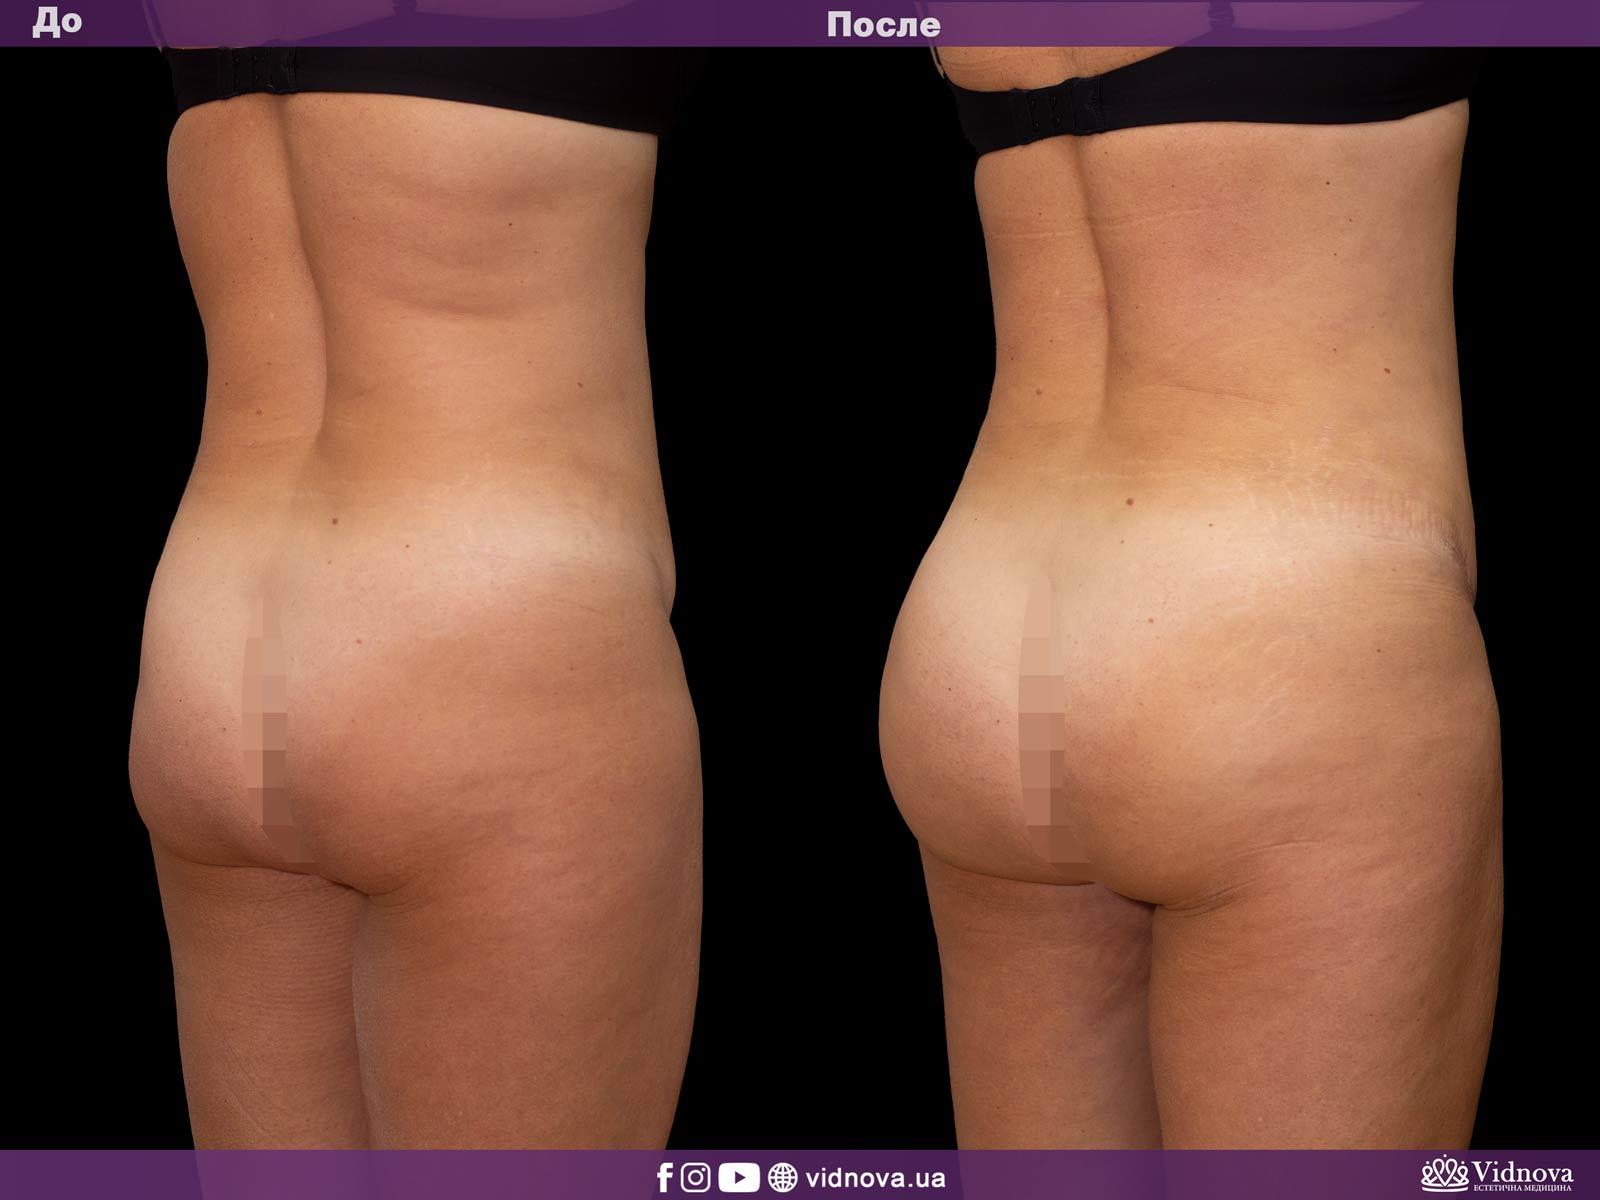 Липоскульптурирование: Фото До и После - Пример №2-2 - Клиника Vidnova